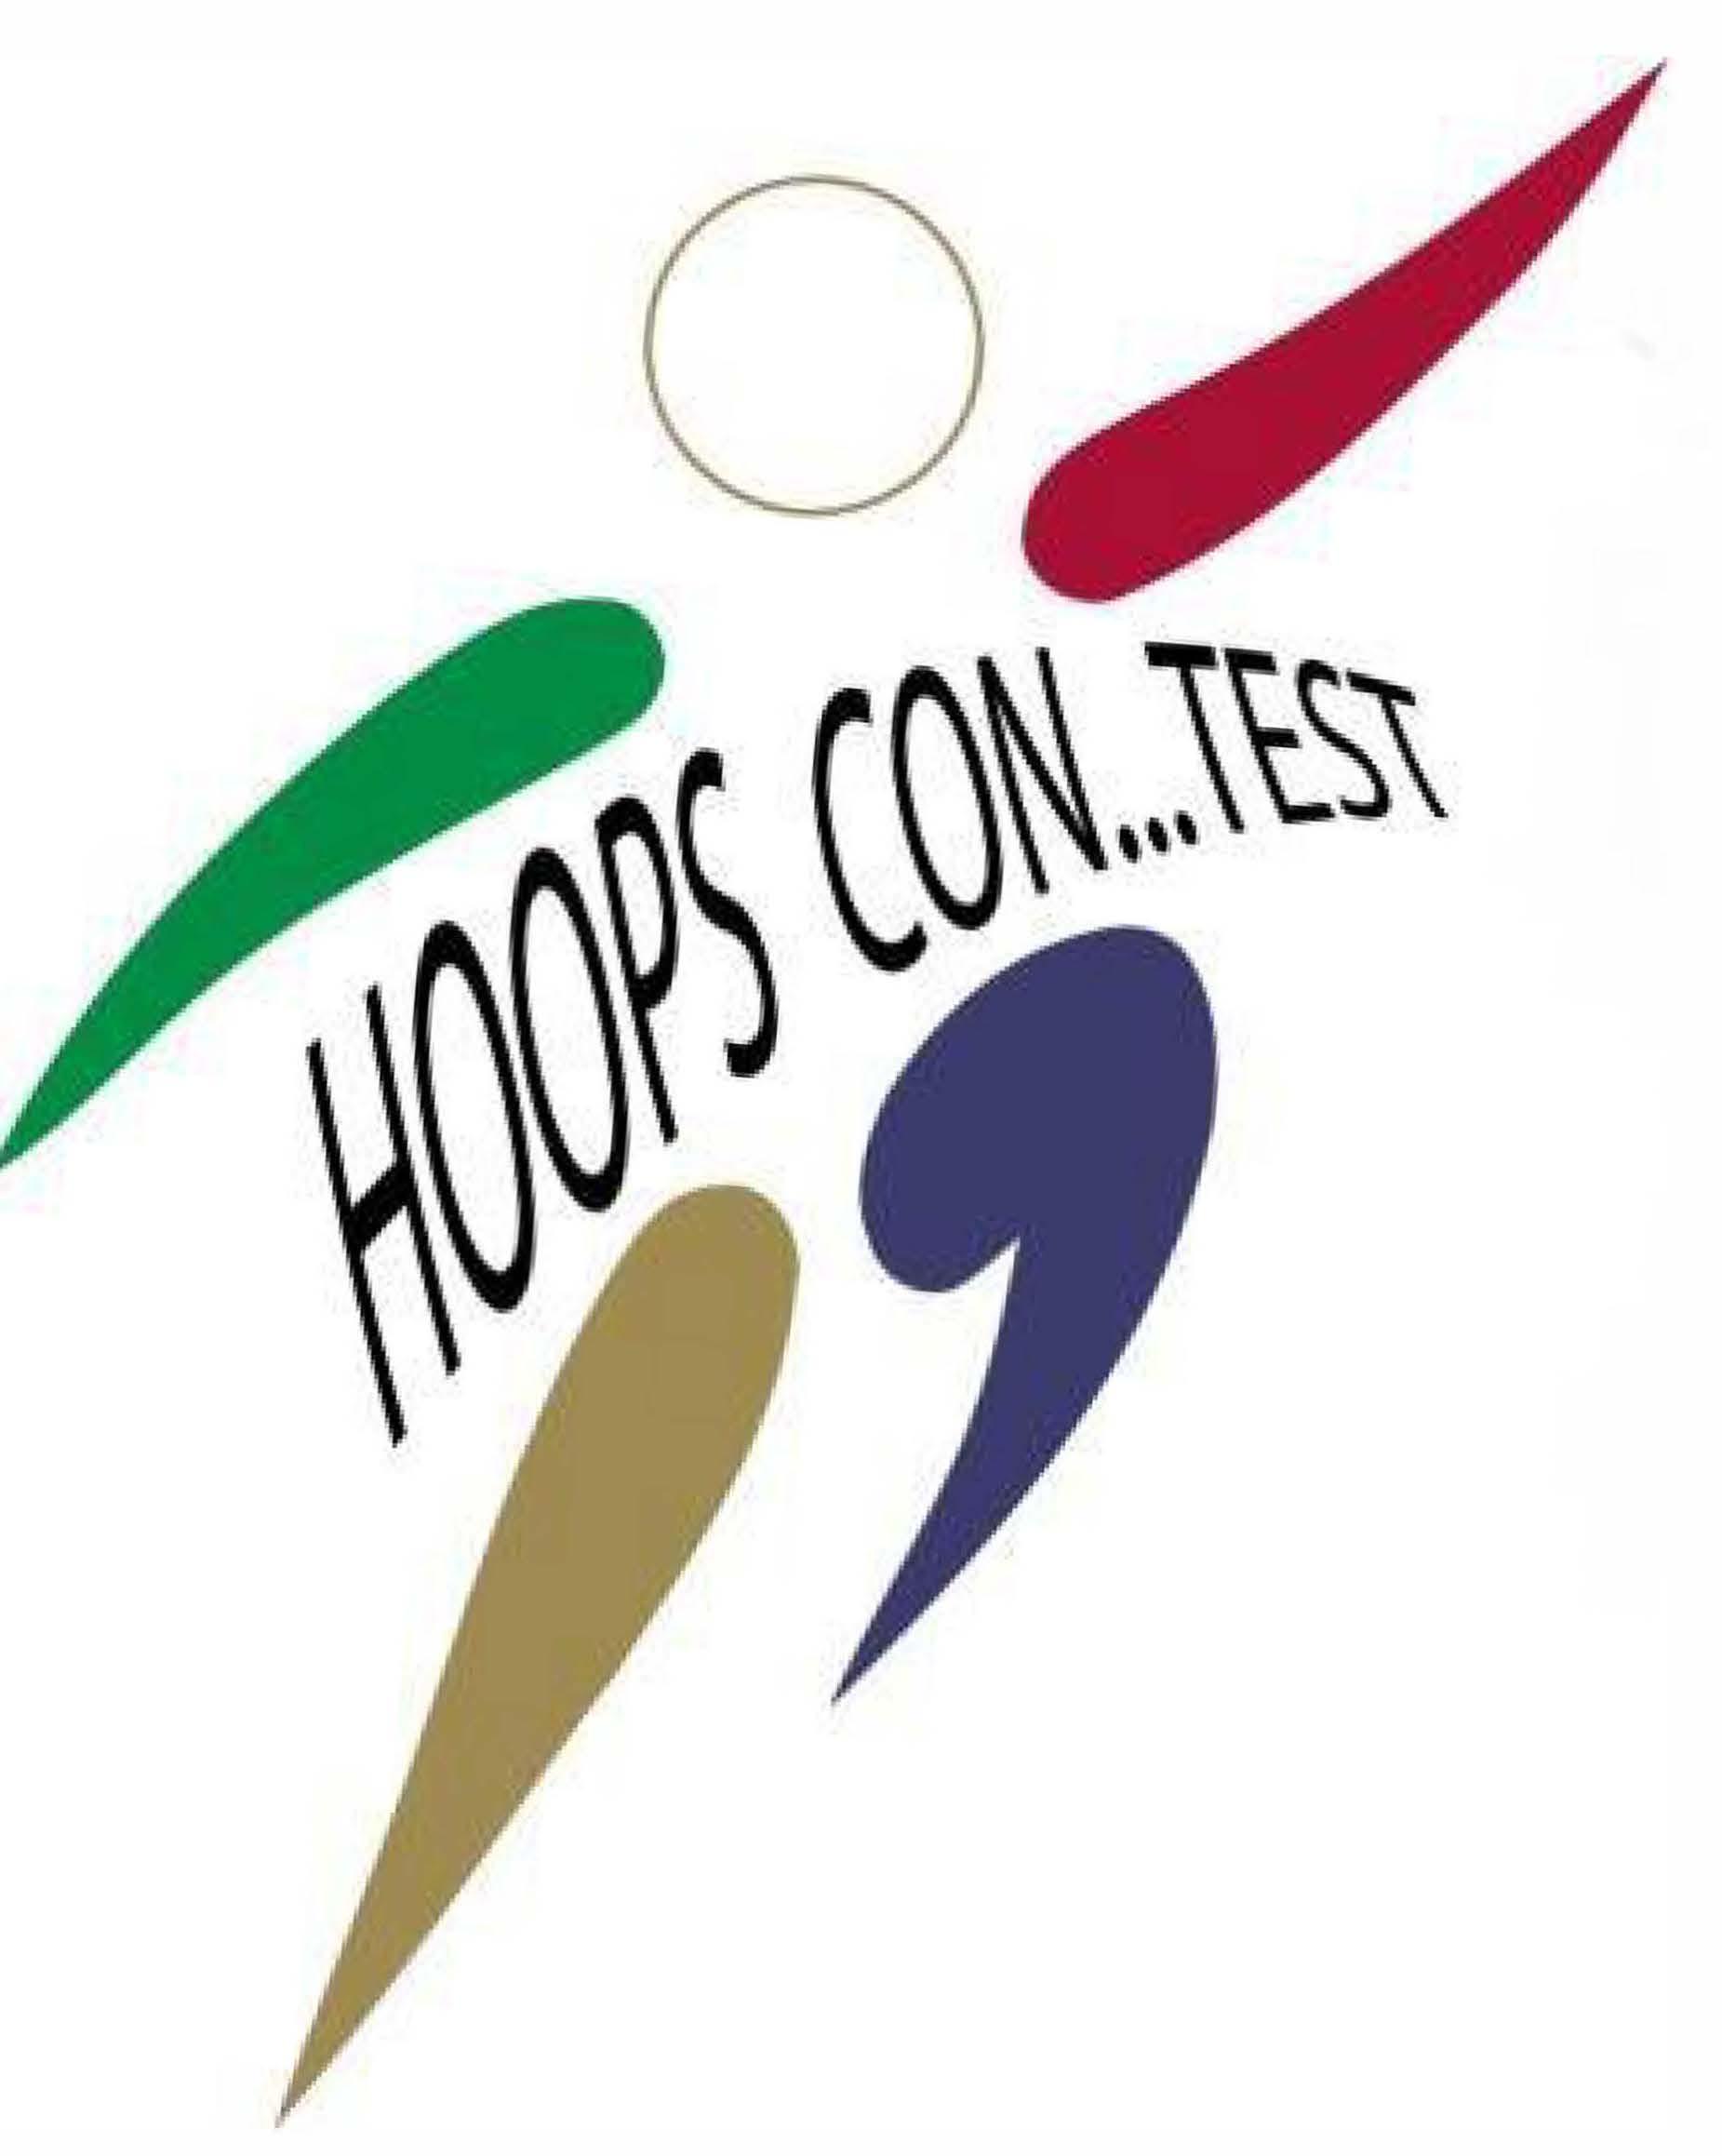 """HOOPS CONTEST """"NO CONTACT GAME"""" di Bruno Boero. Un gioco/trofeo dopo la pausa."""